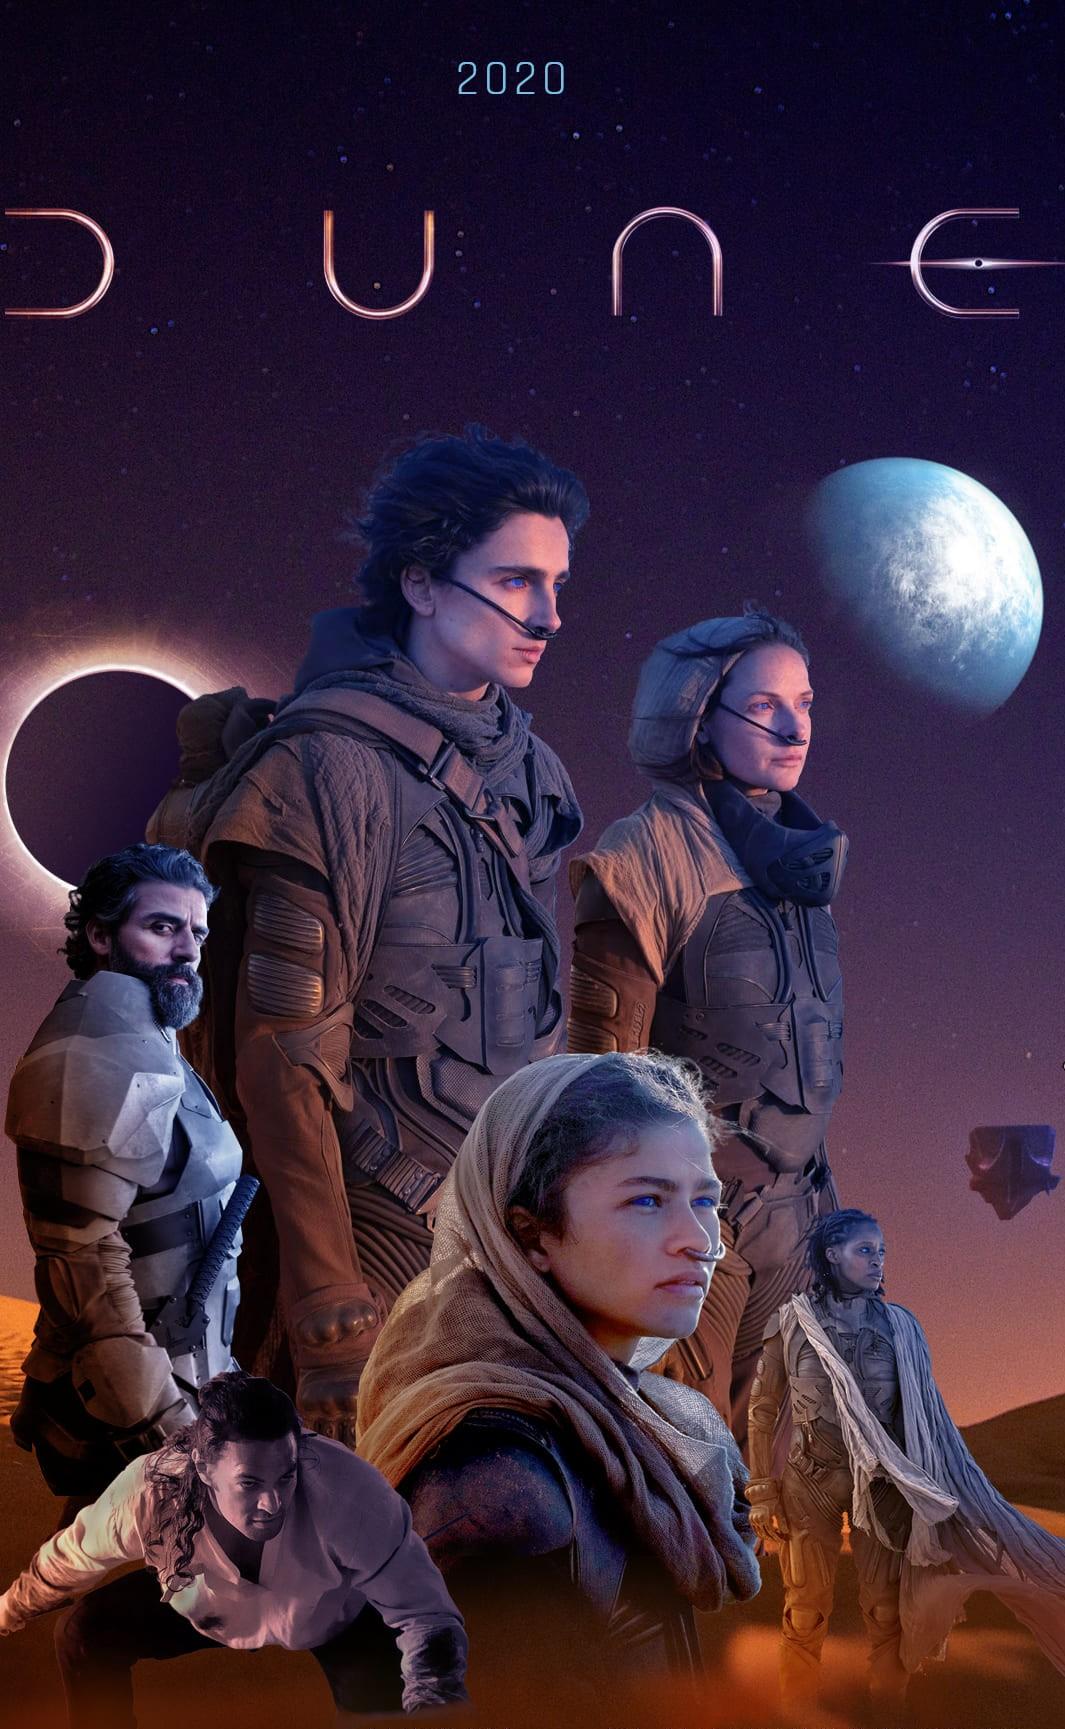 Top 25 Dune Movie Wallpapers [ 2020 ] 1065x1729